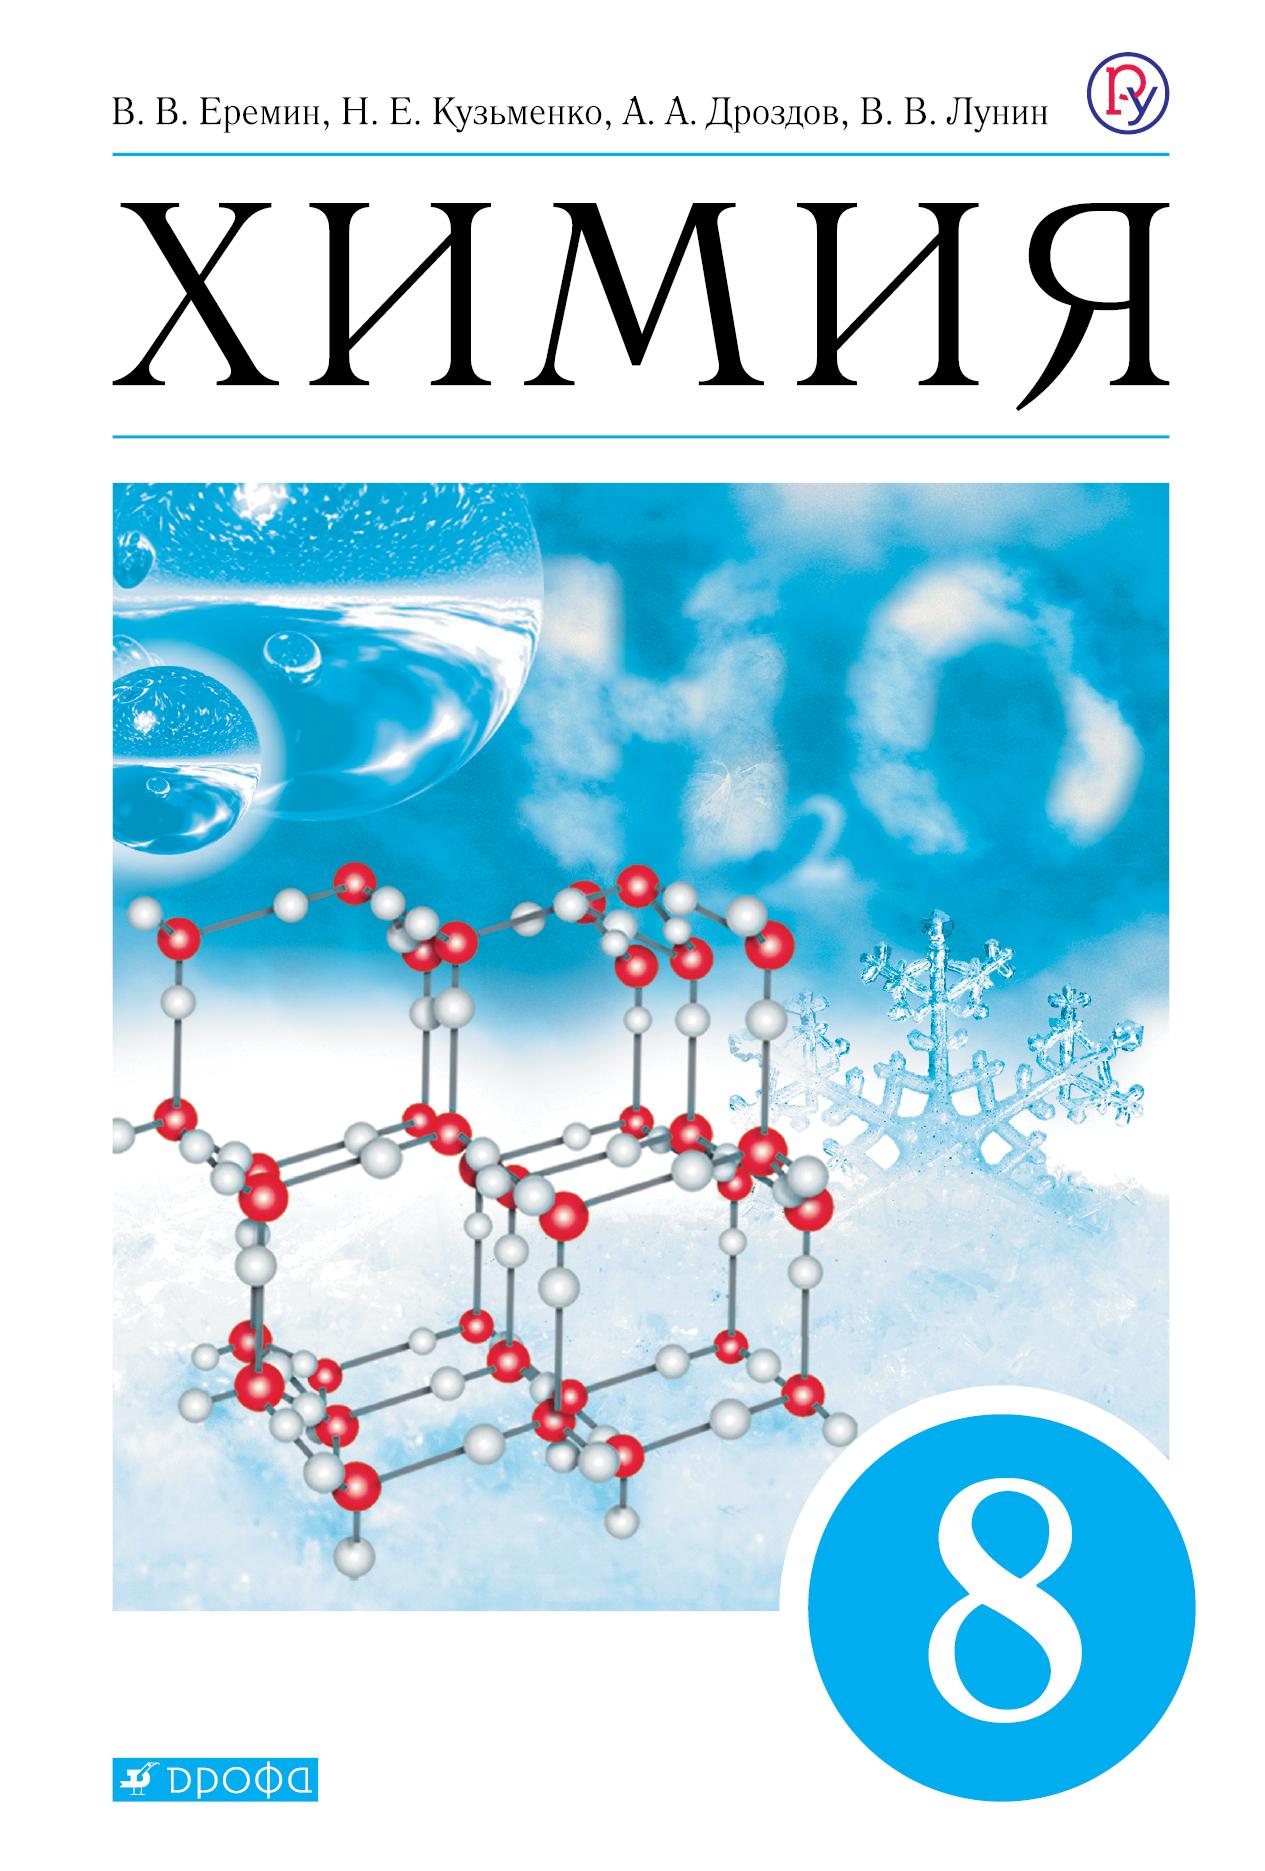 Химия. 8 класс. Учебник. Еремин В.В., Дроздов А.А., Кузьменко Н.Е., Лунин В.В.